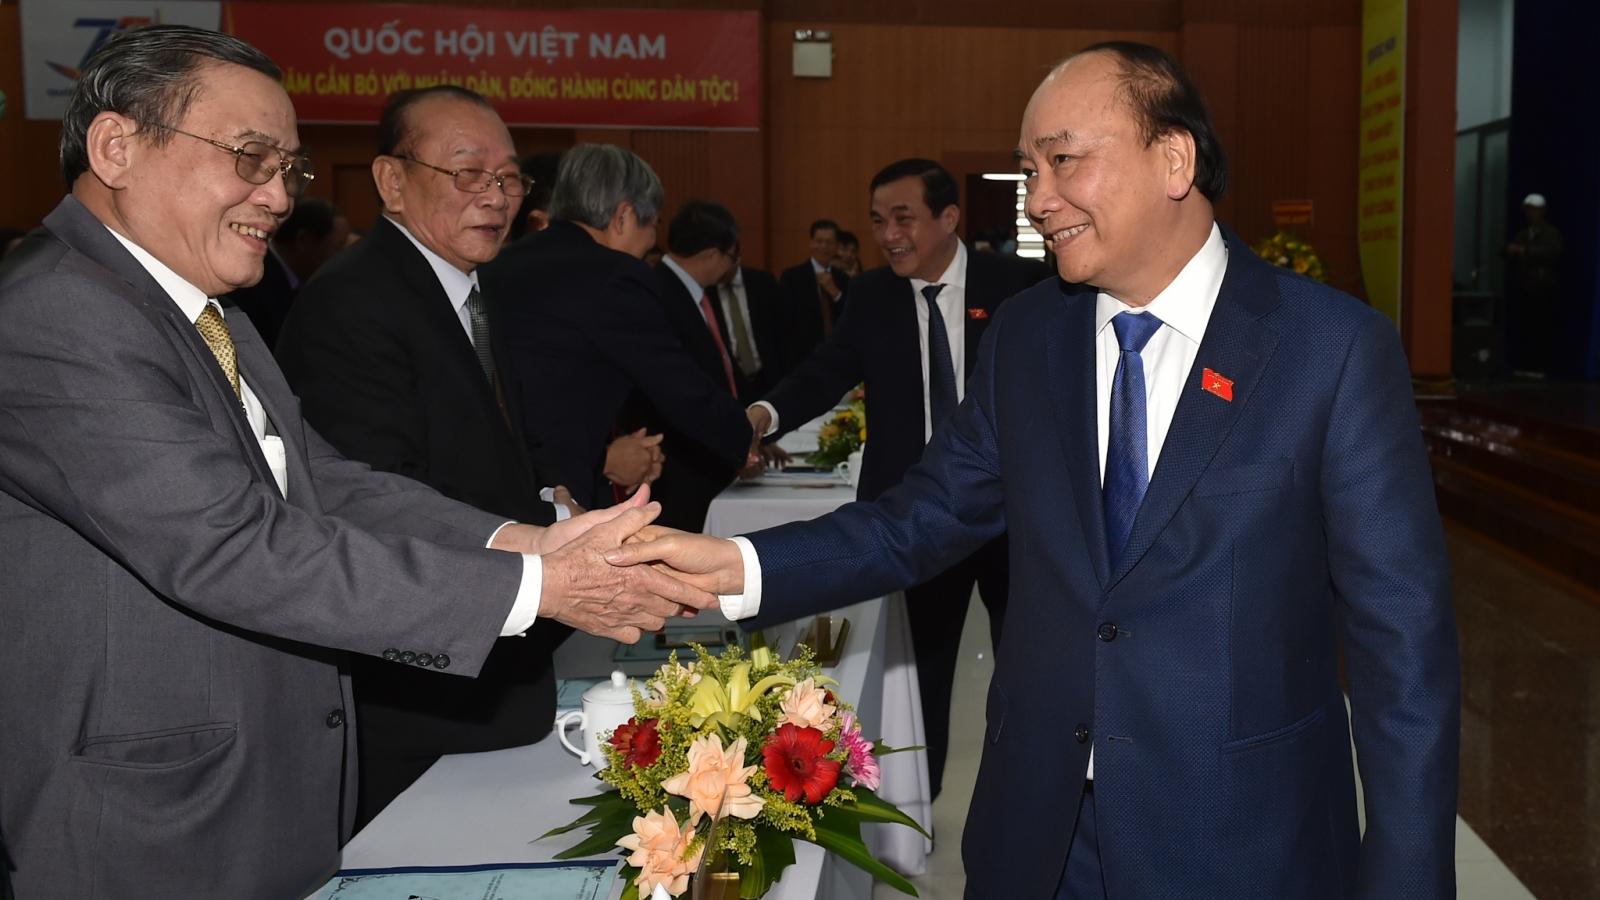 Thủ tướng nhấn mạnh bài học quý giá về lựa chọn hiền tài cho đất nước